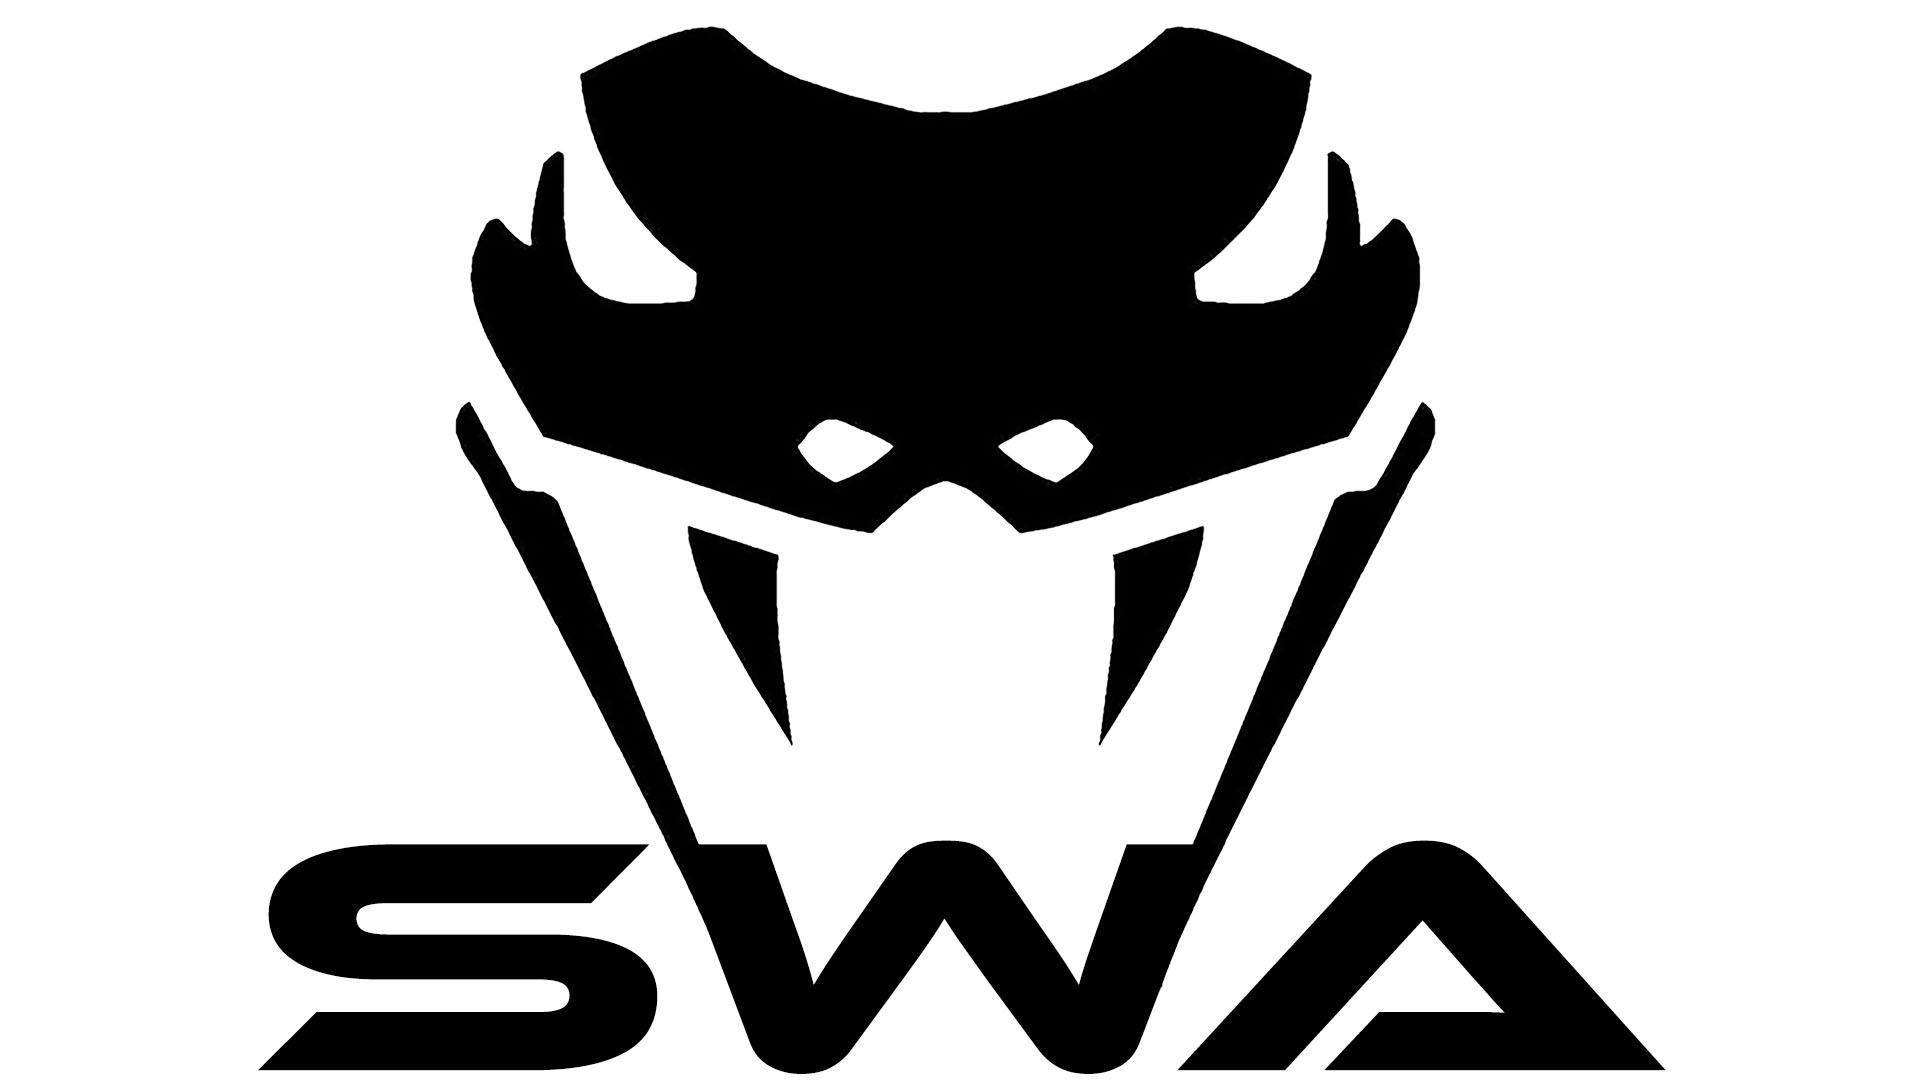 SWA-Logo-final-2-1080p